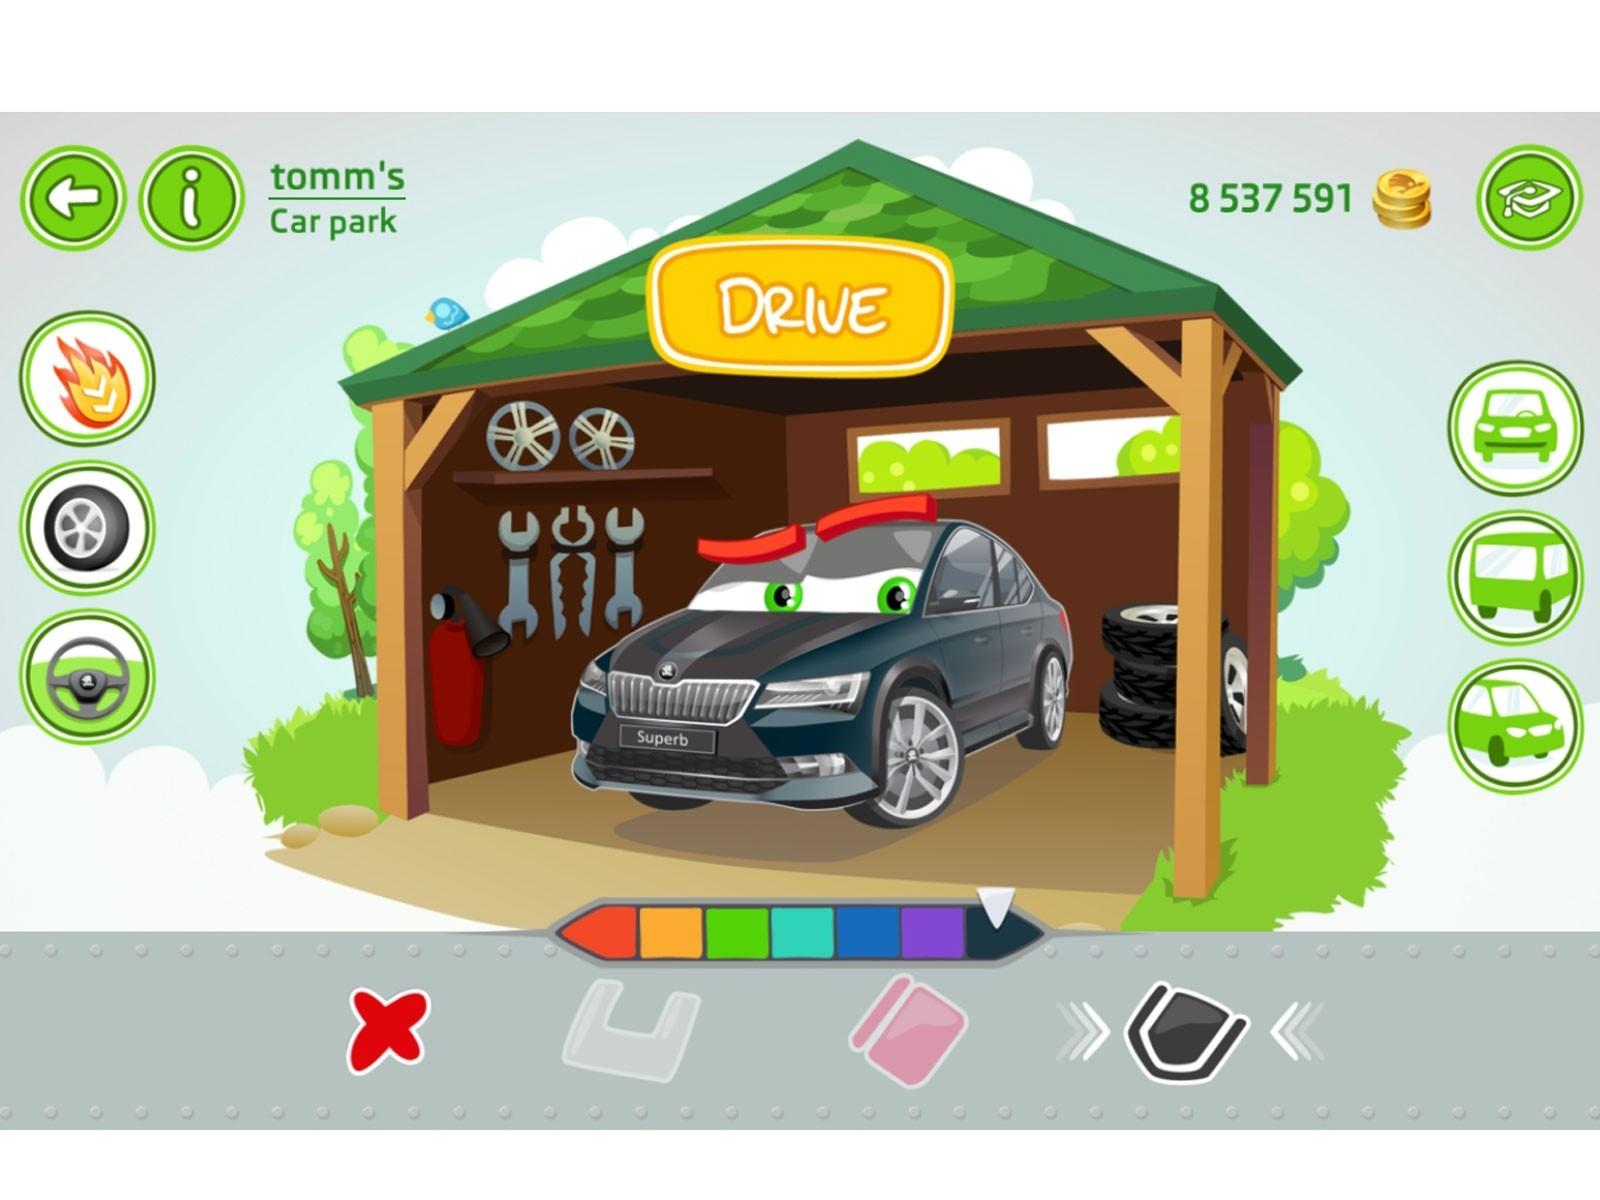 foto skoda littledriver app cooles cruisen fuer kids tablet vom artikel skoda. Black Bedroom Furniture Sets. Home Design Ideas